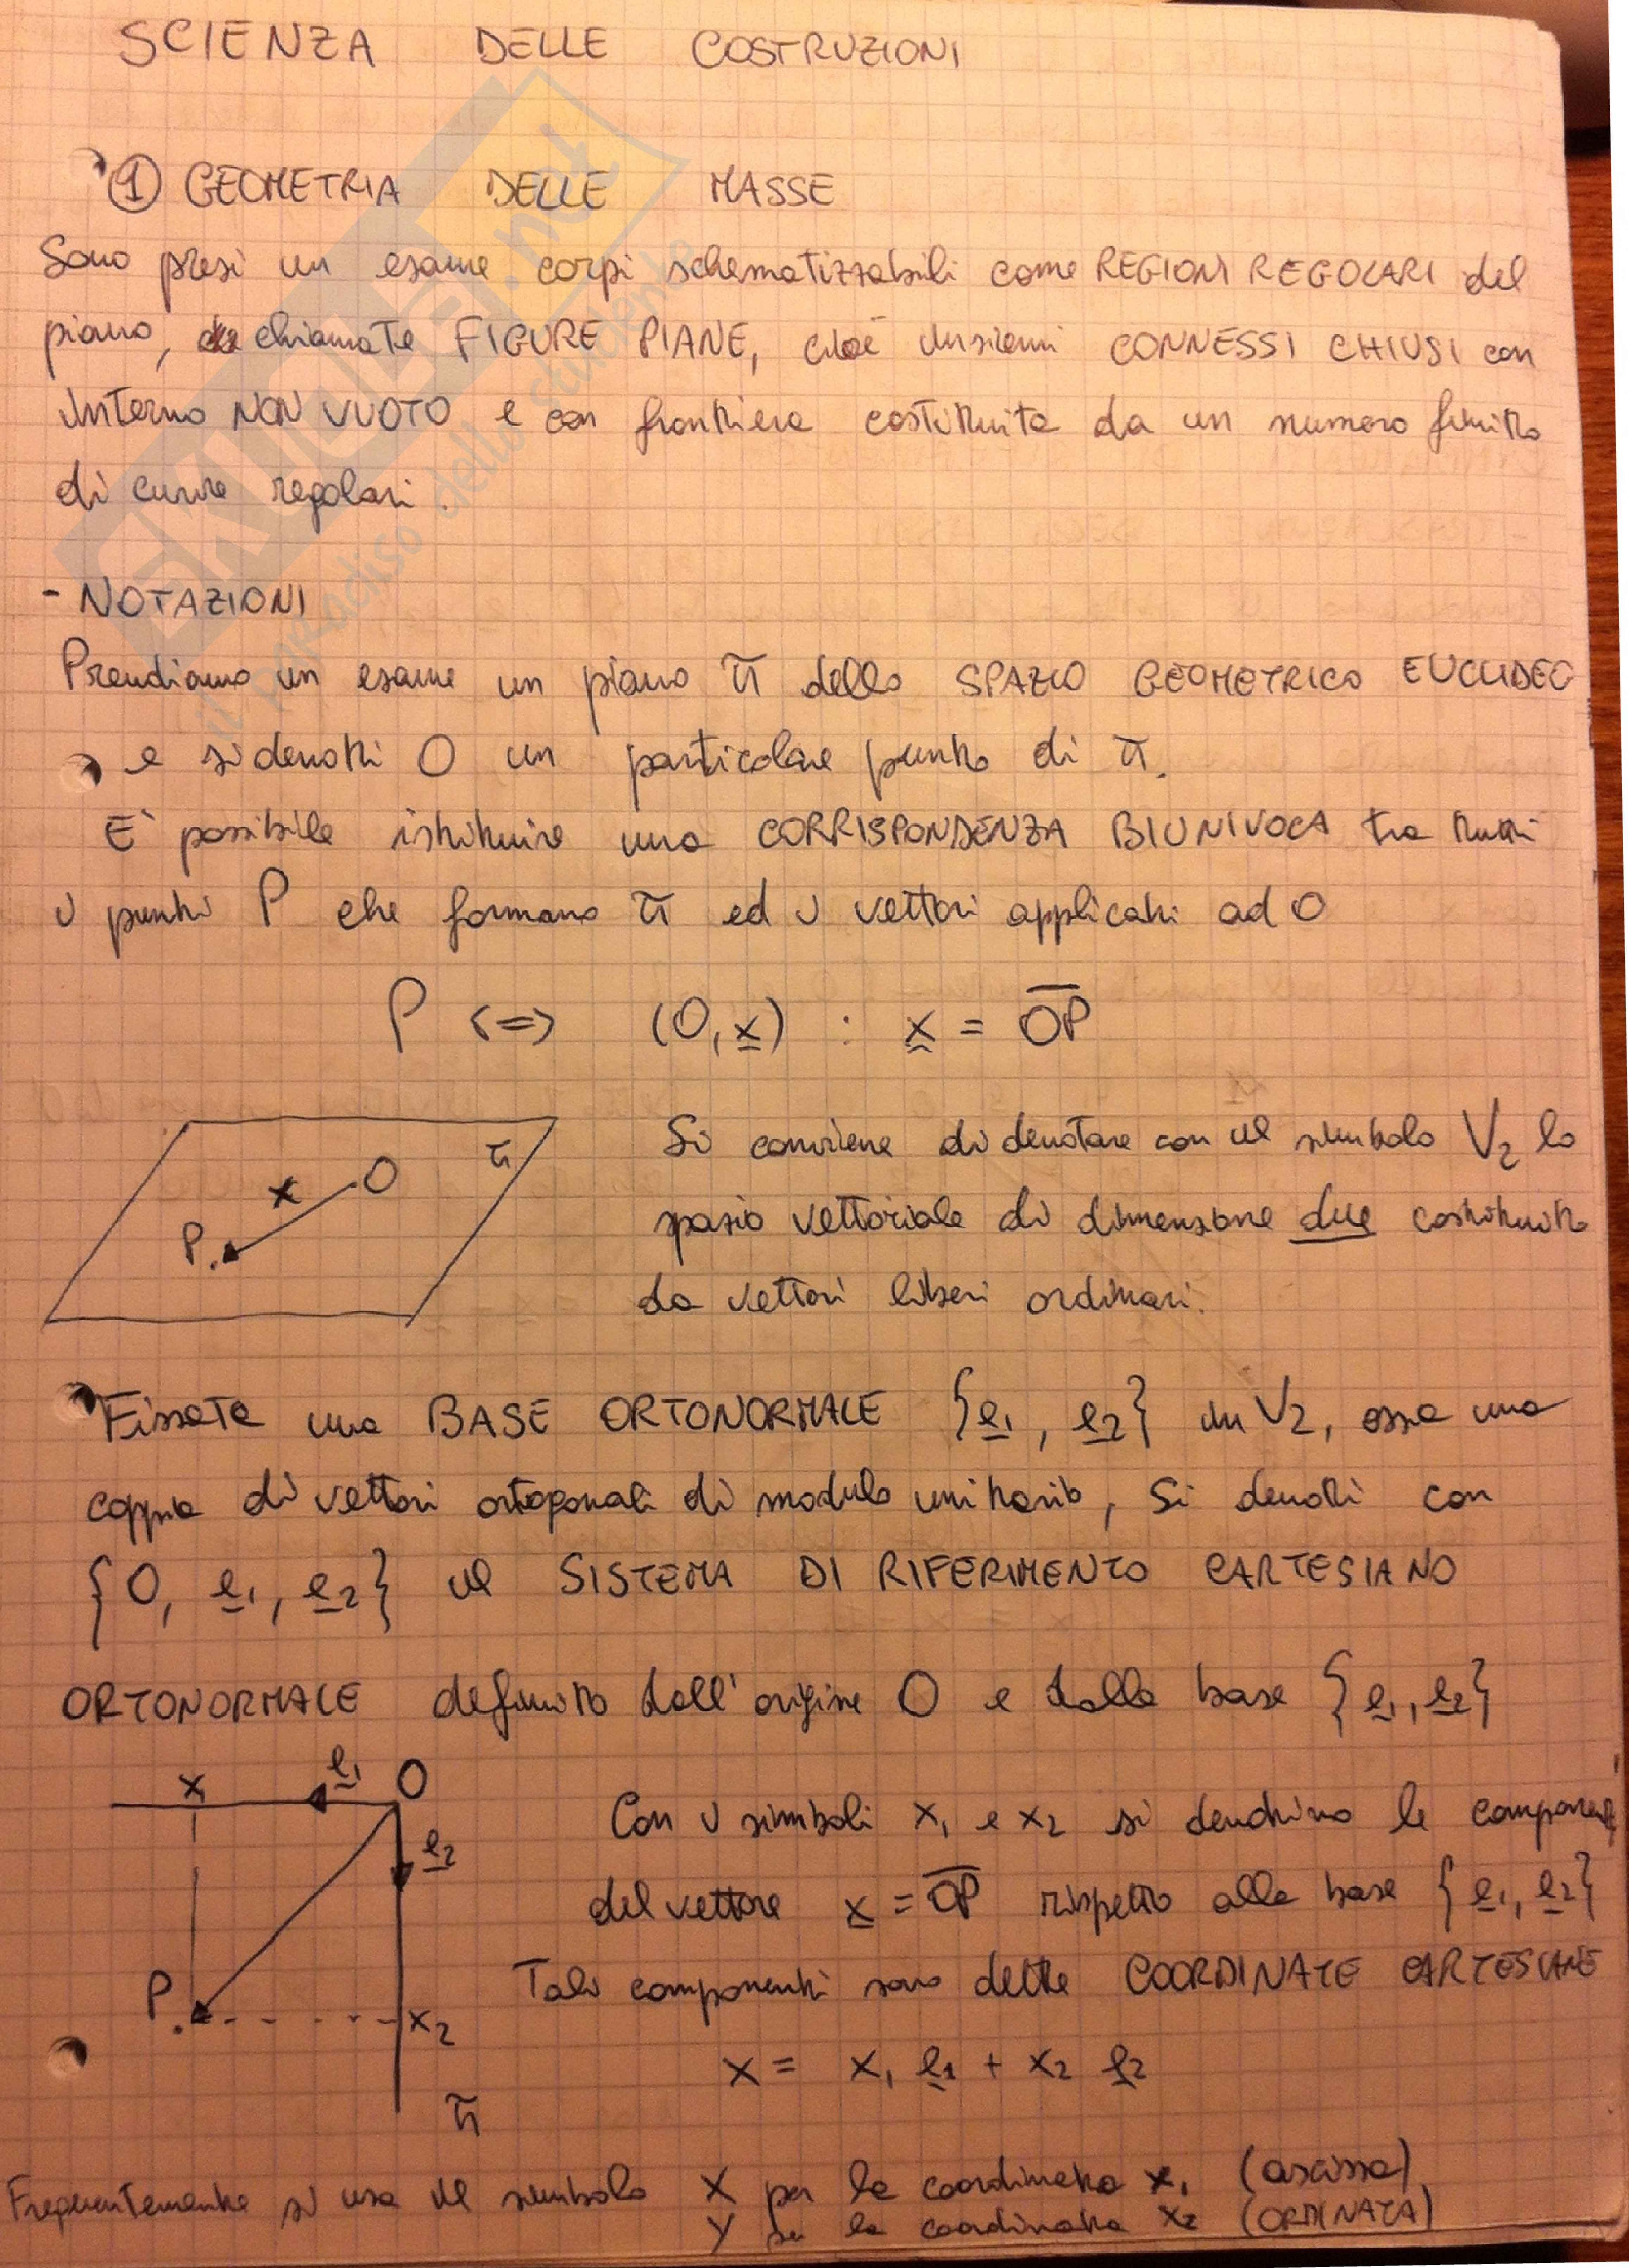 Geometria delle masse, Scienza delle costruzioni